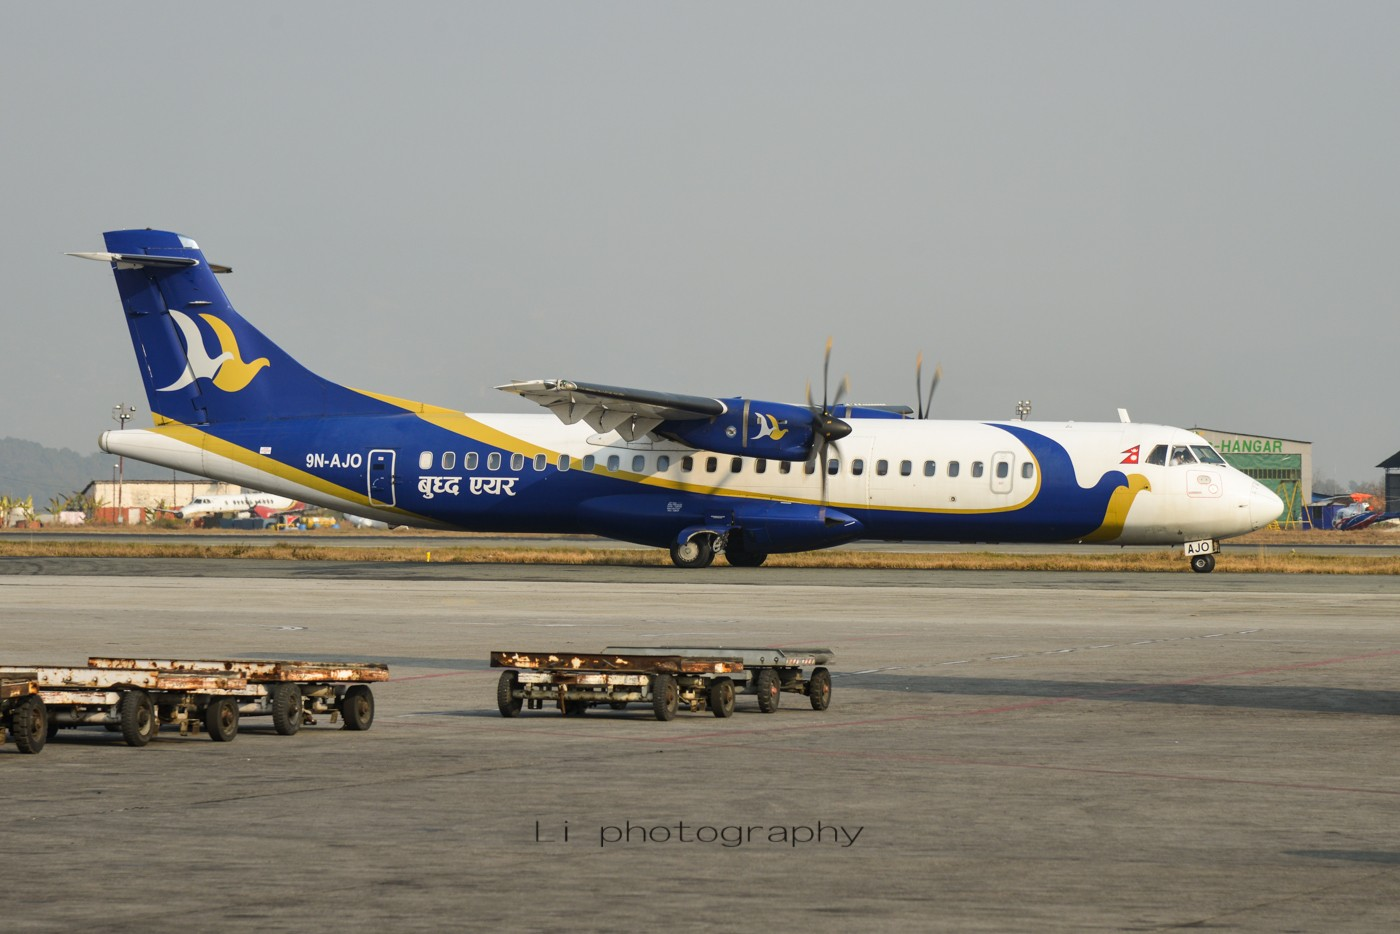 Re:[原创]尼泊尔拍机第一发——加德满都布里特万机场,各种奇货乱入~ ATR 72-500 9N-AJO 尼泊尔加德满都机场